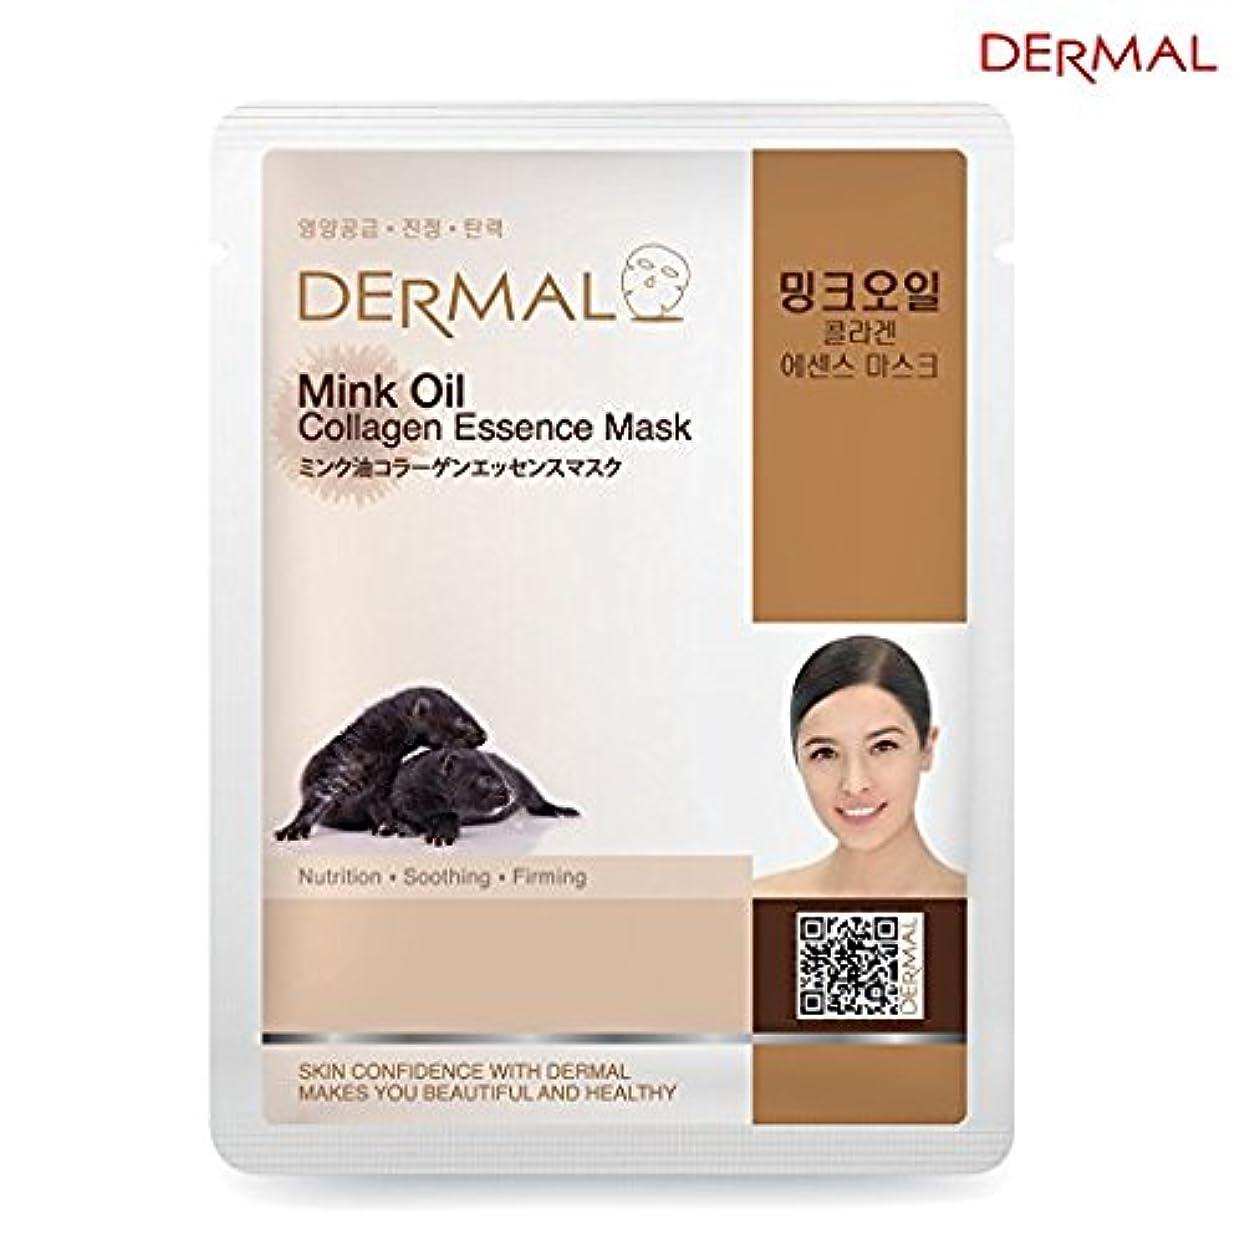 訪問蓋世界に死んだシート マスク ミンク油エキス ダーマル Dermal 23g (100枚セット) 韓国コスメ コラーゲンエッセンスマスク フェイス パック